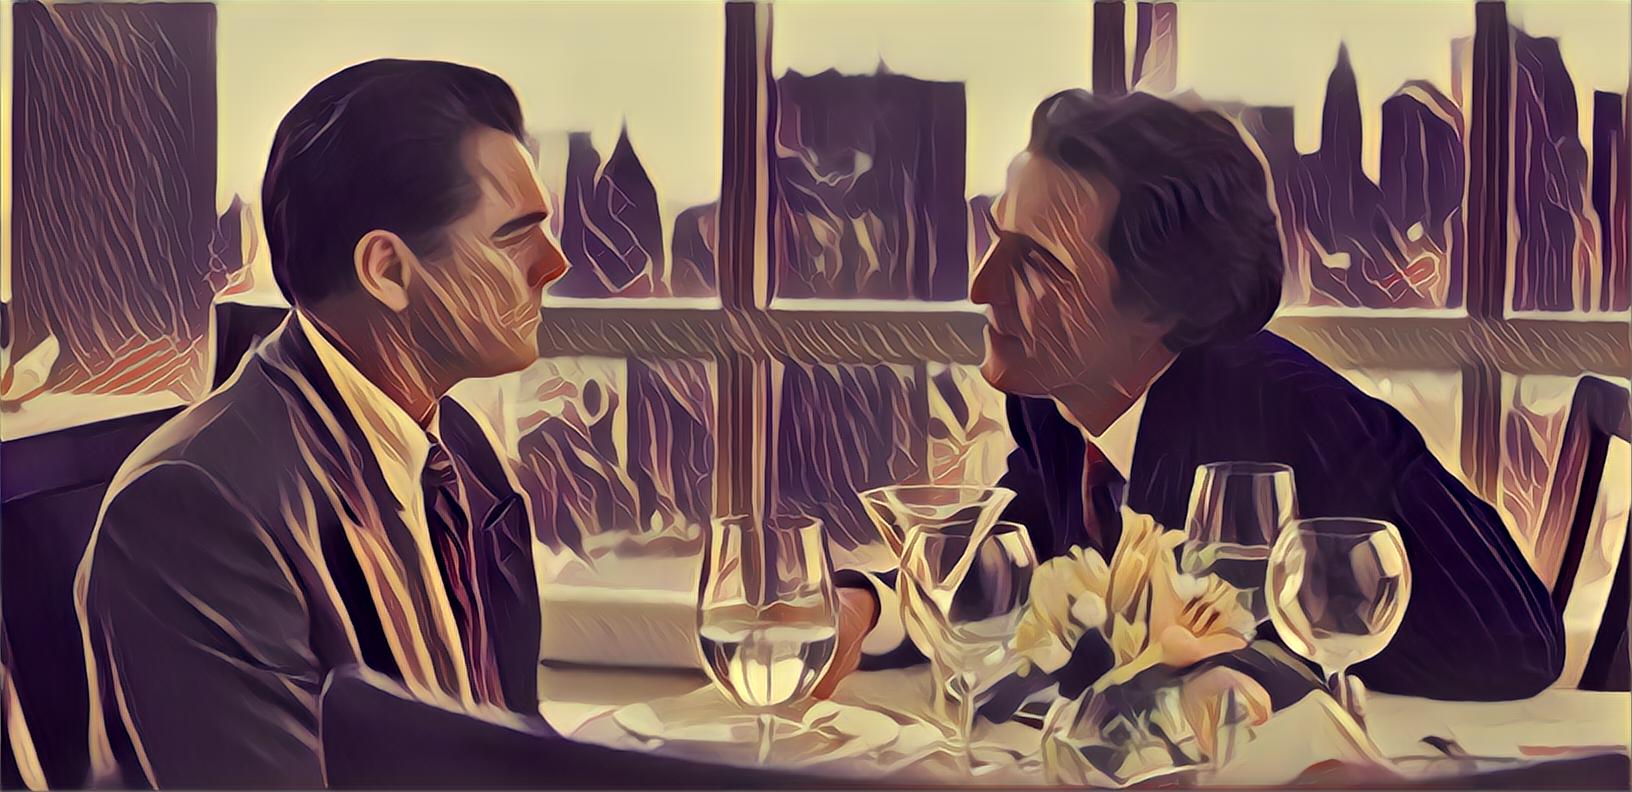 Круги друзей, столкновения муравьев и русская рулетка: необычные вопросы на интервью в финансовых компаниях - 1